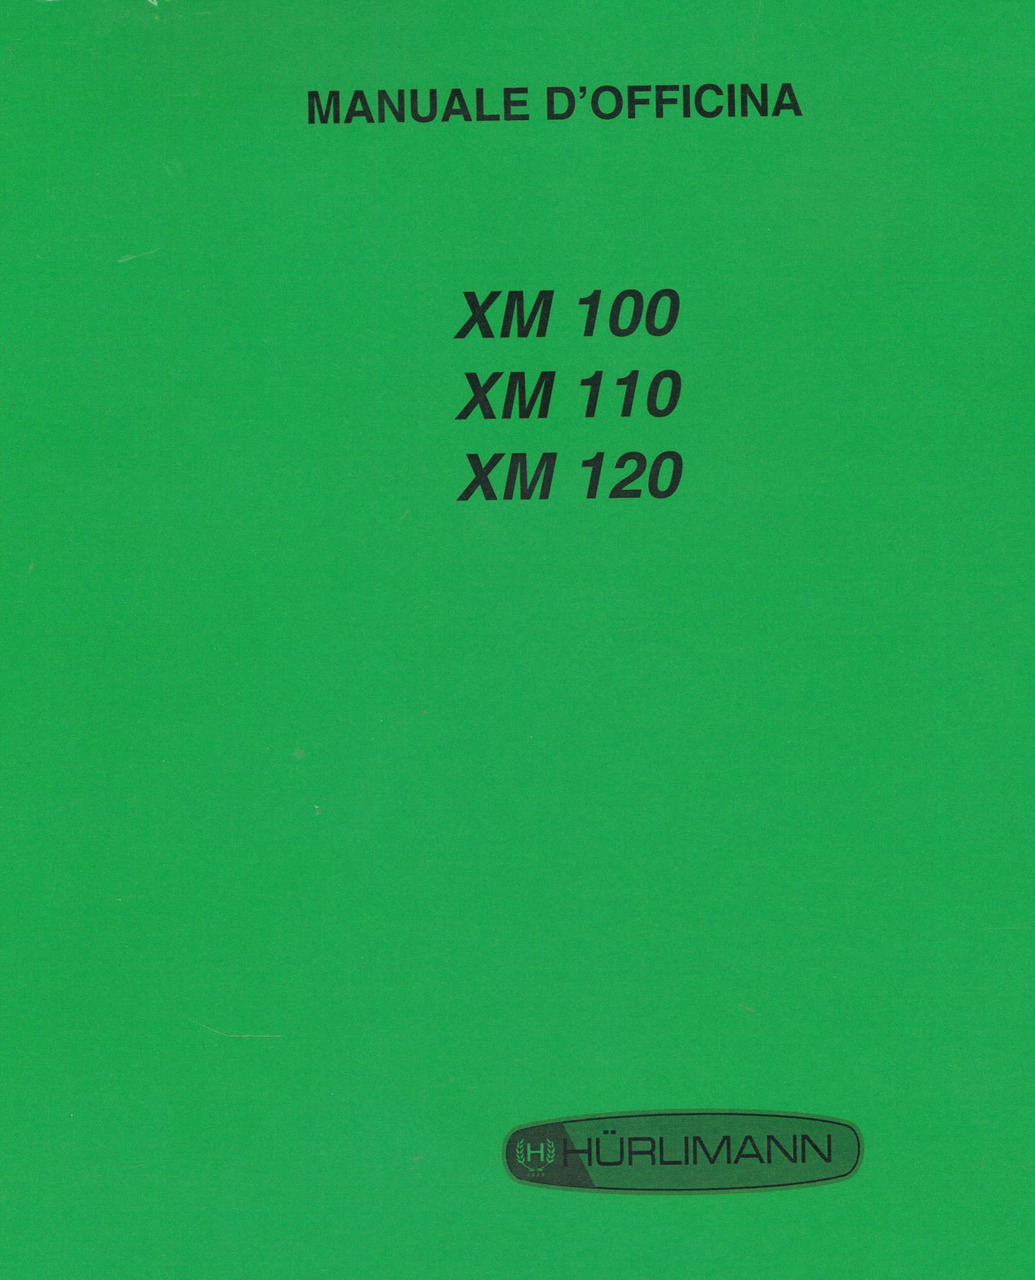 XM 100 - 110 - 120 - Manuale d'officina